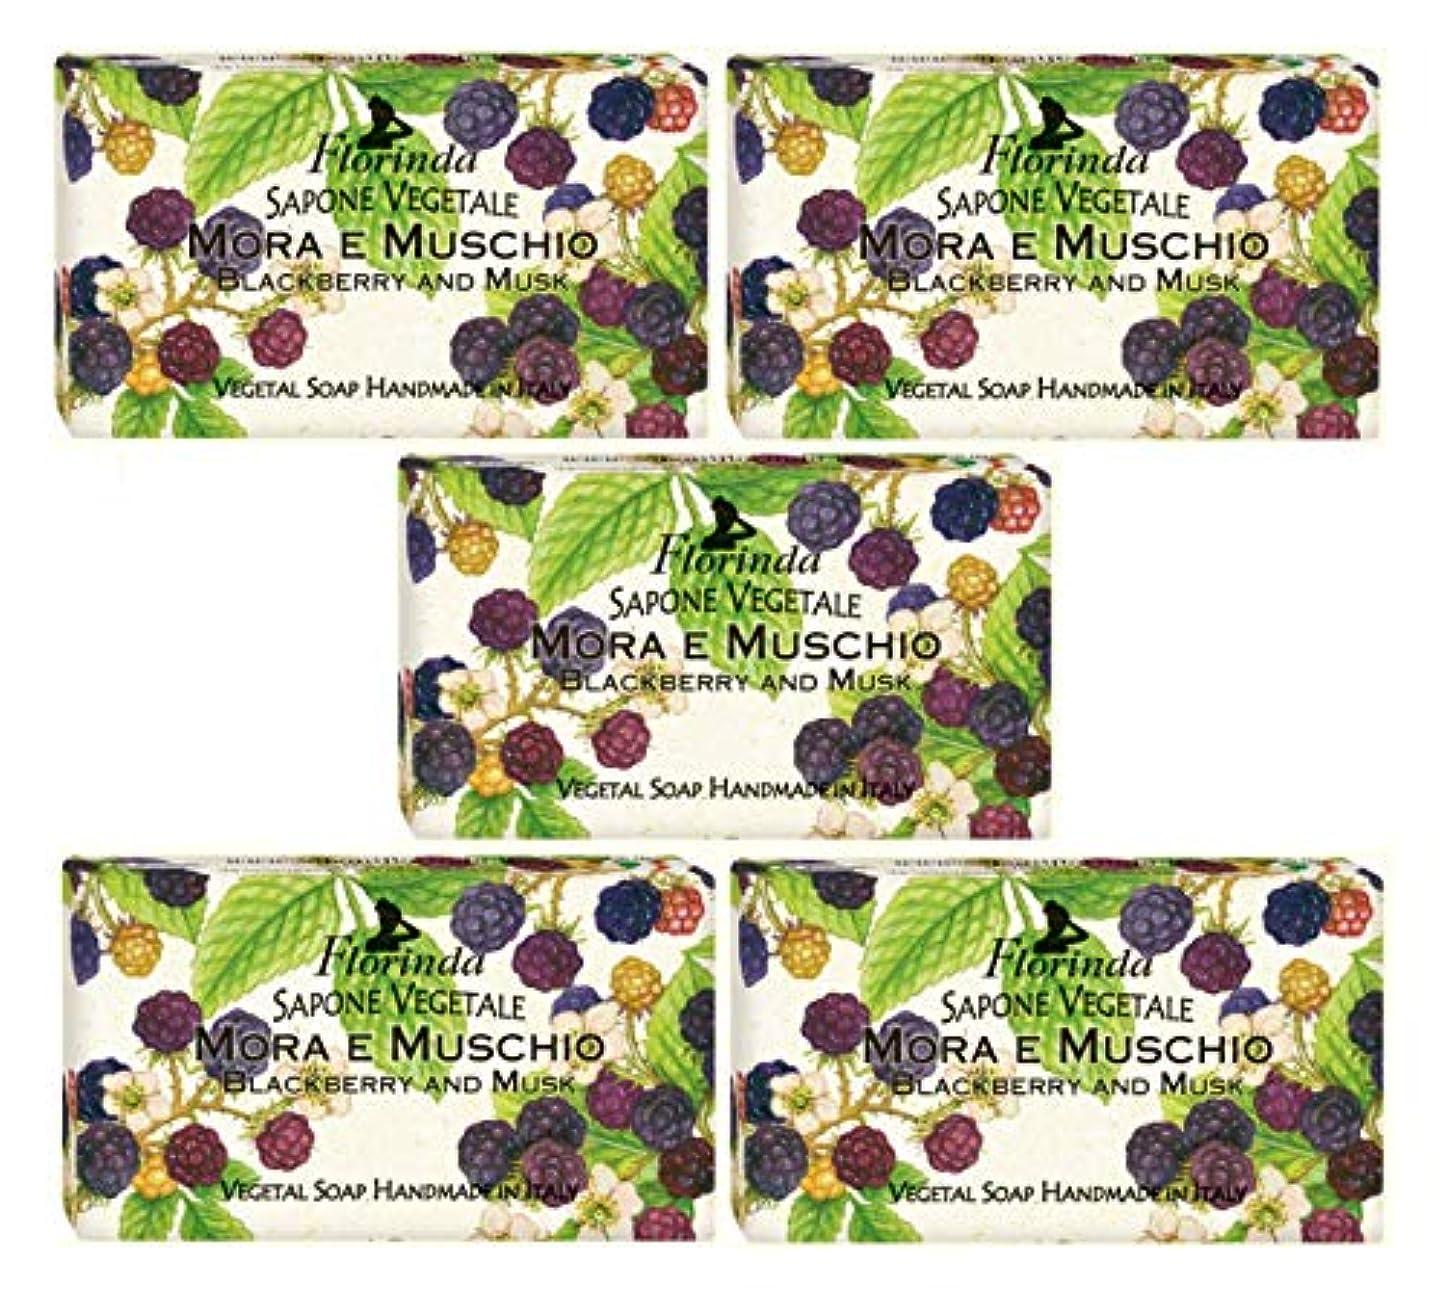 関係ないフルーツ野菜バイソンフロリンダ フレグランスソープ 固形石けん フルーツの香り ブラックベリー&ムスク 95g×5個セット